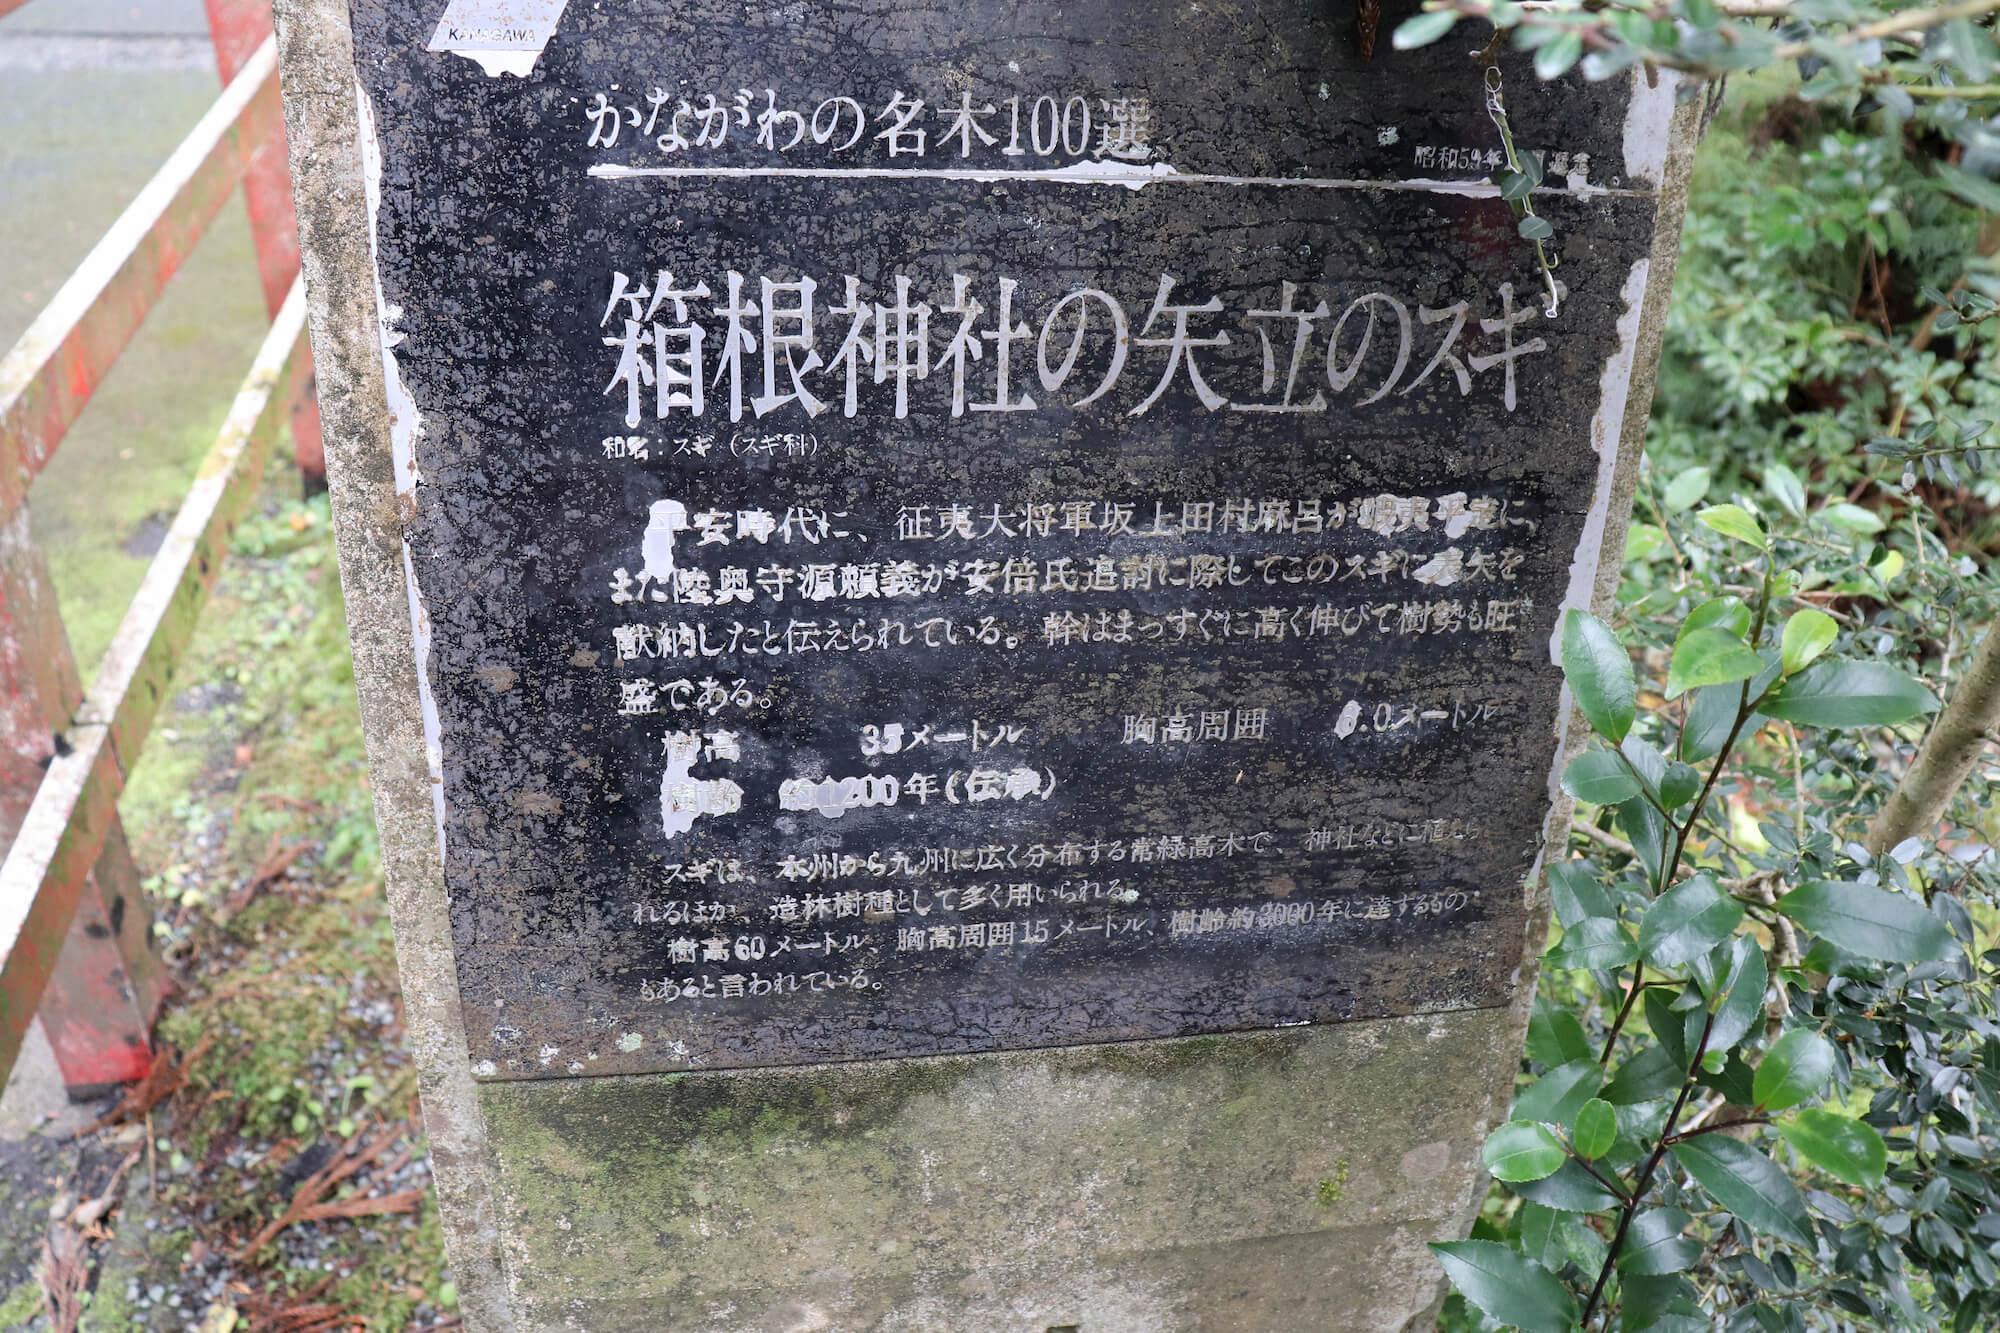 箱根神社の矢立の杉の解説